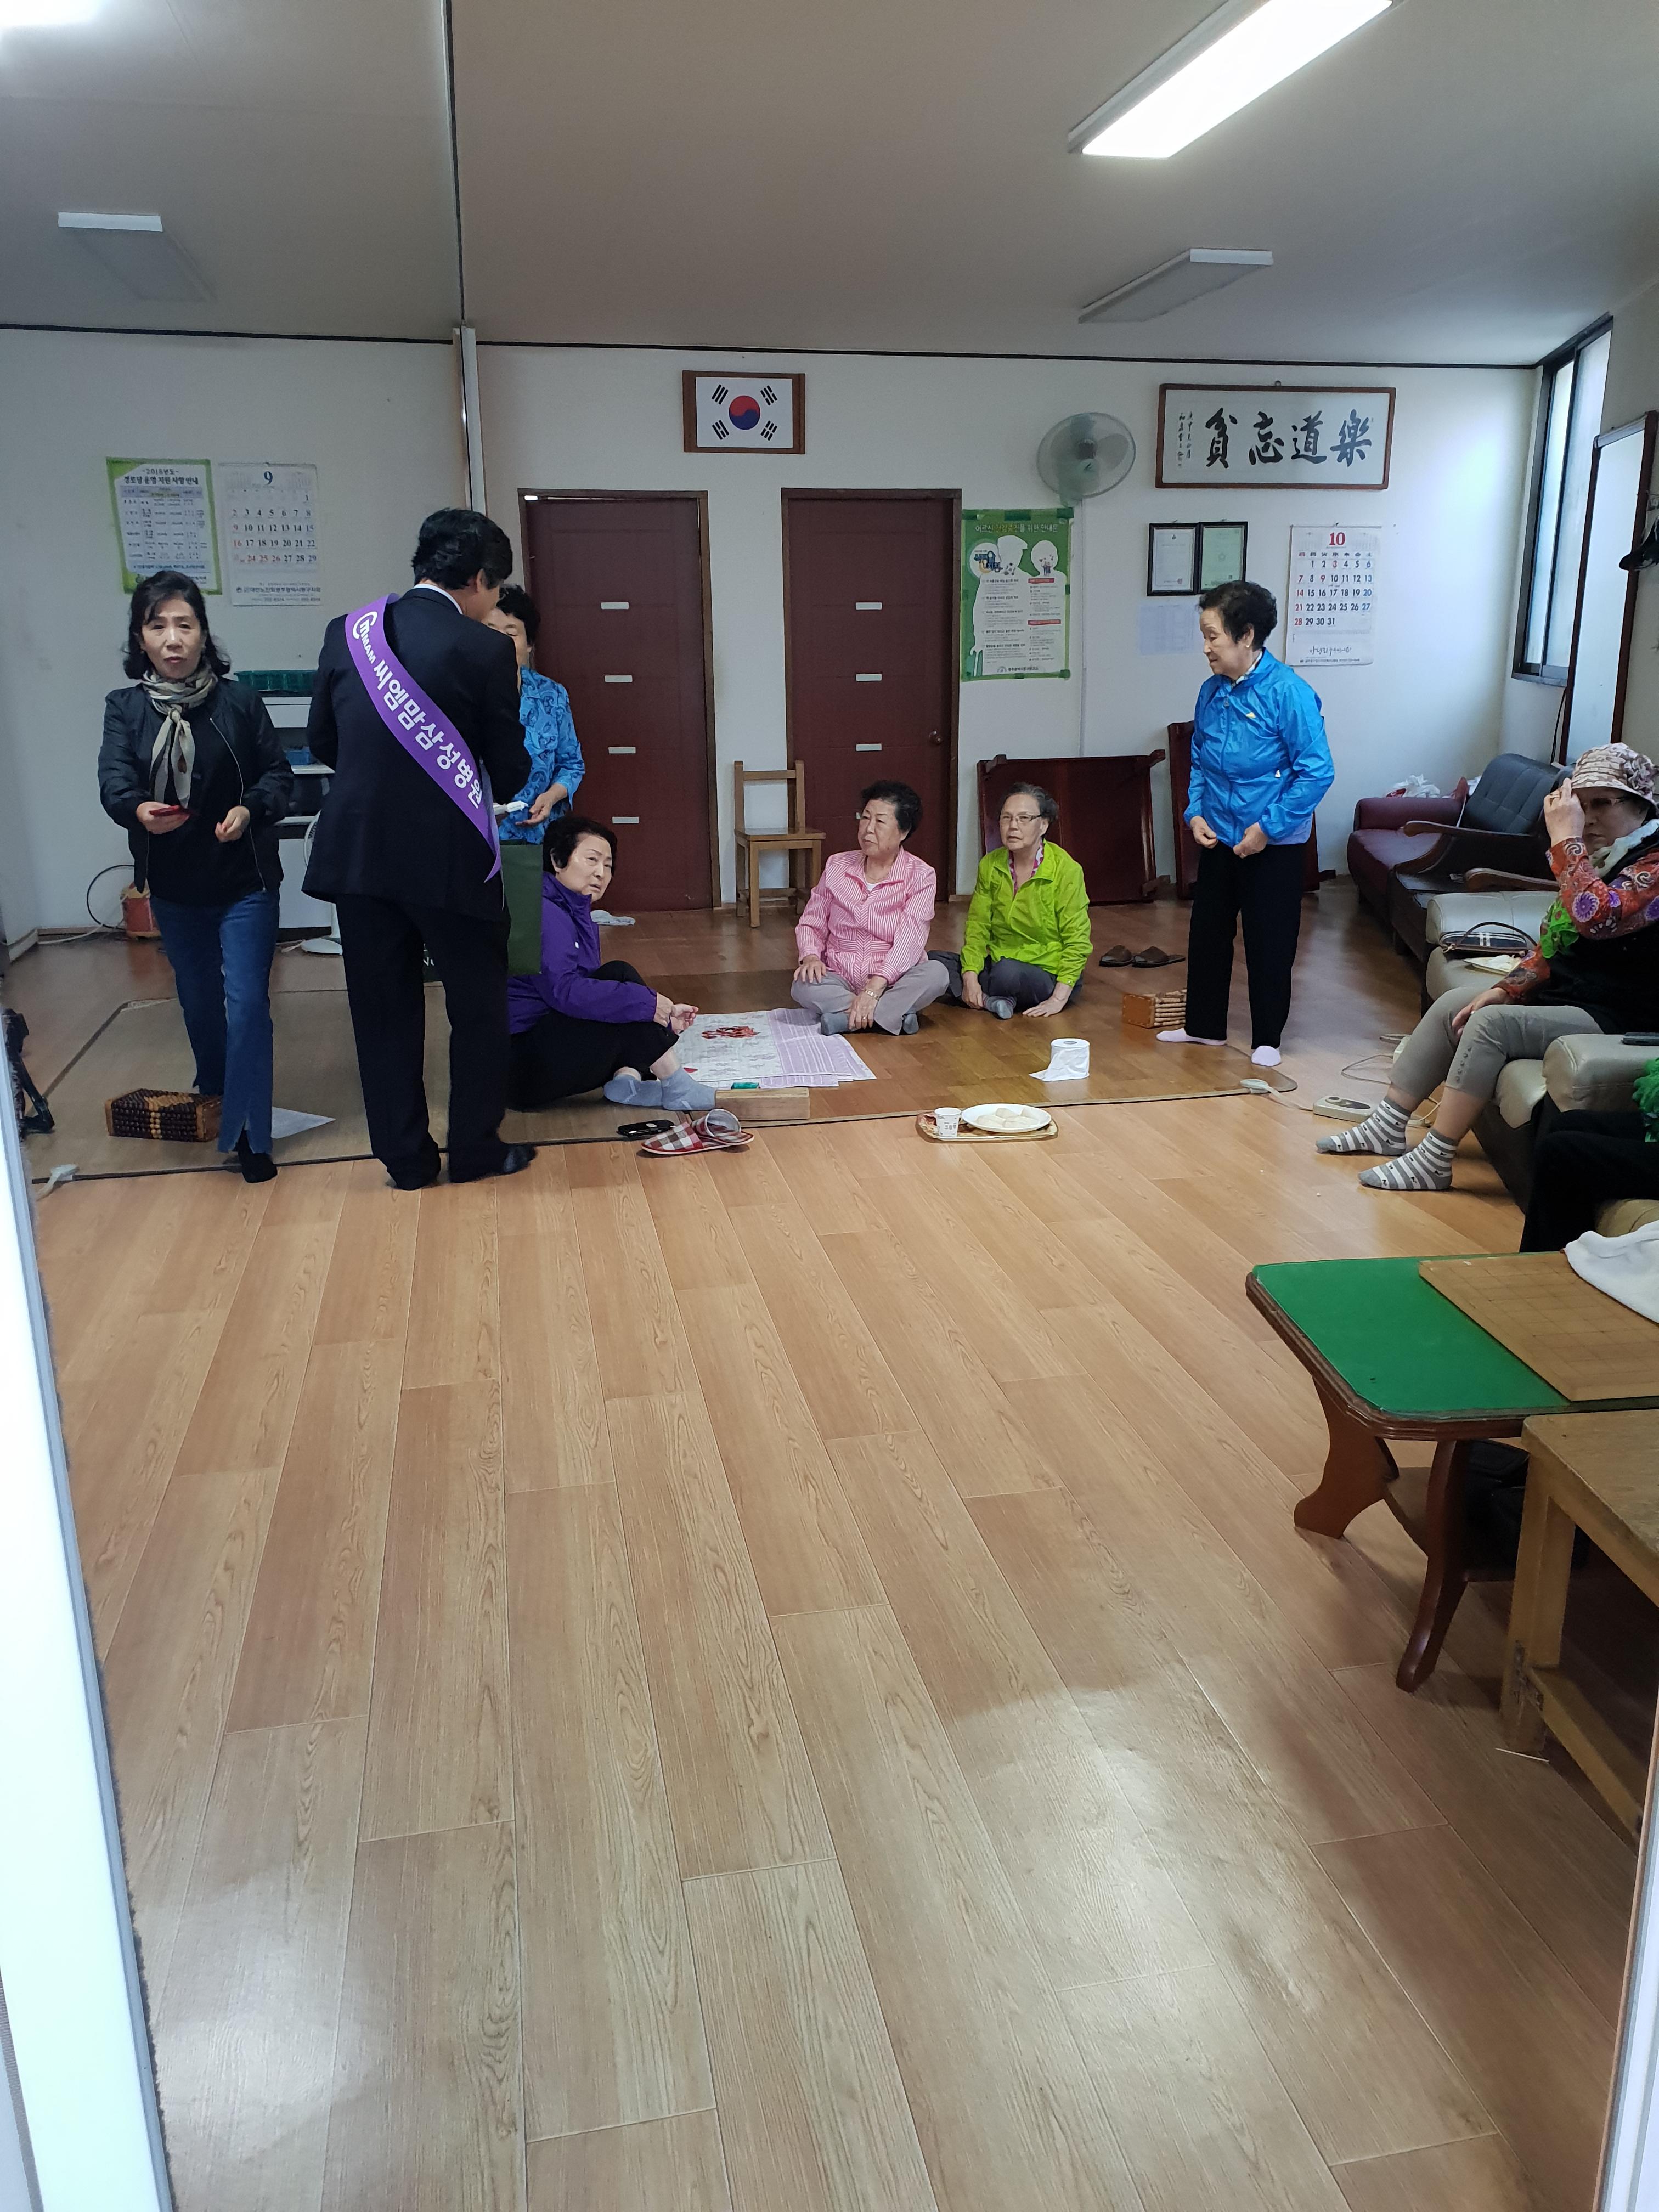 이미지 1:병원 홍보 사진